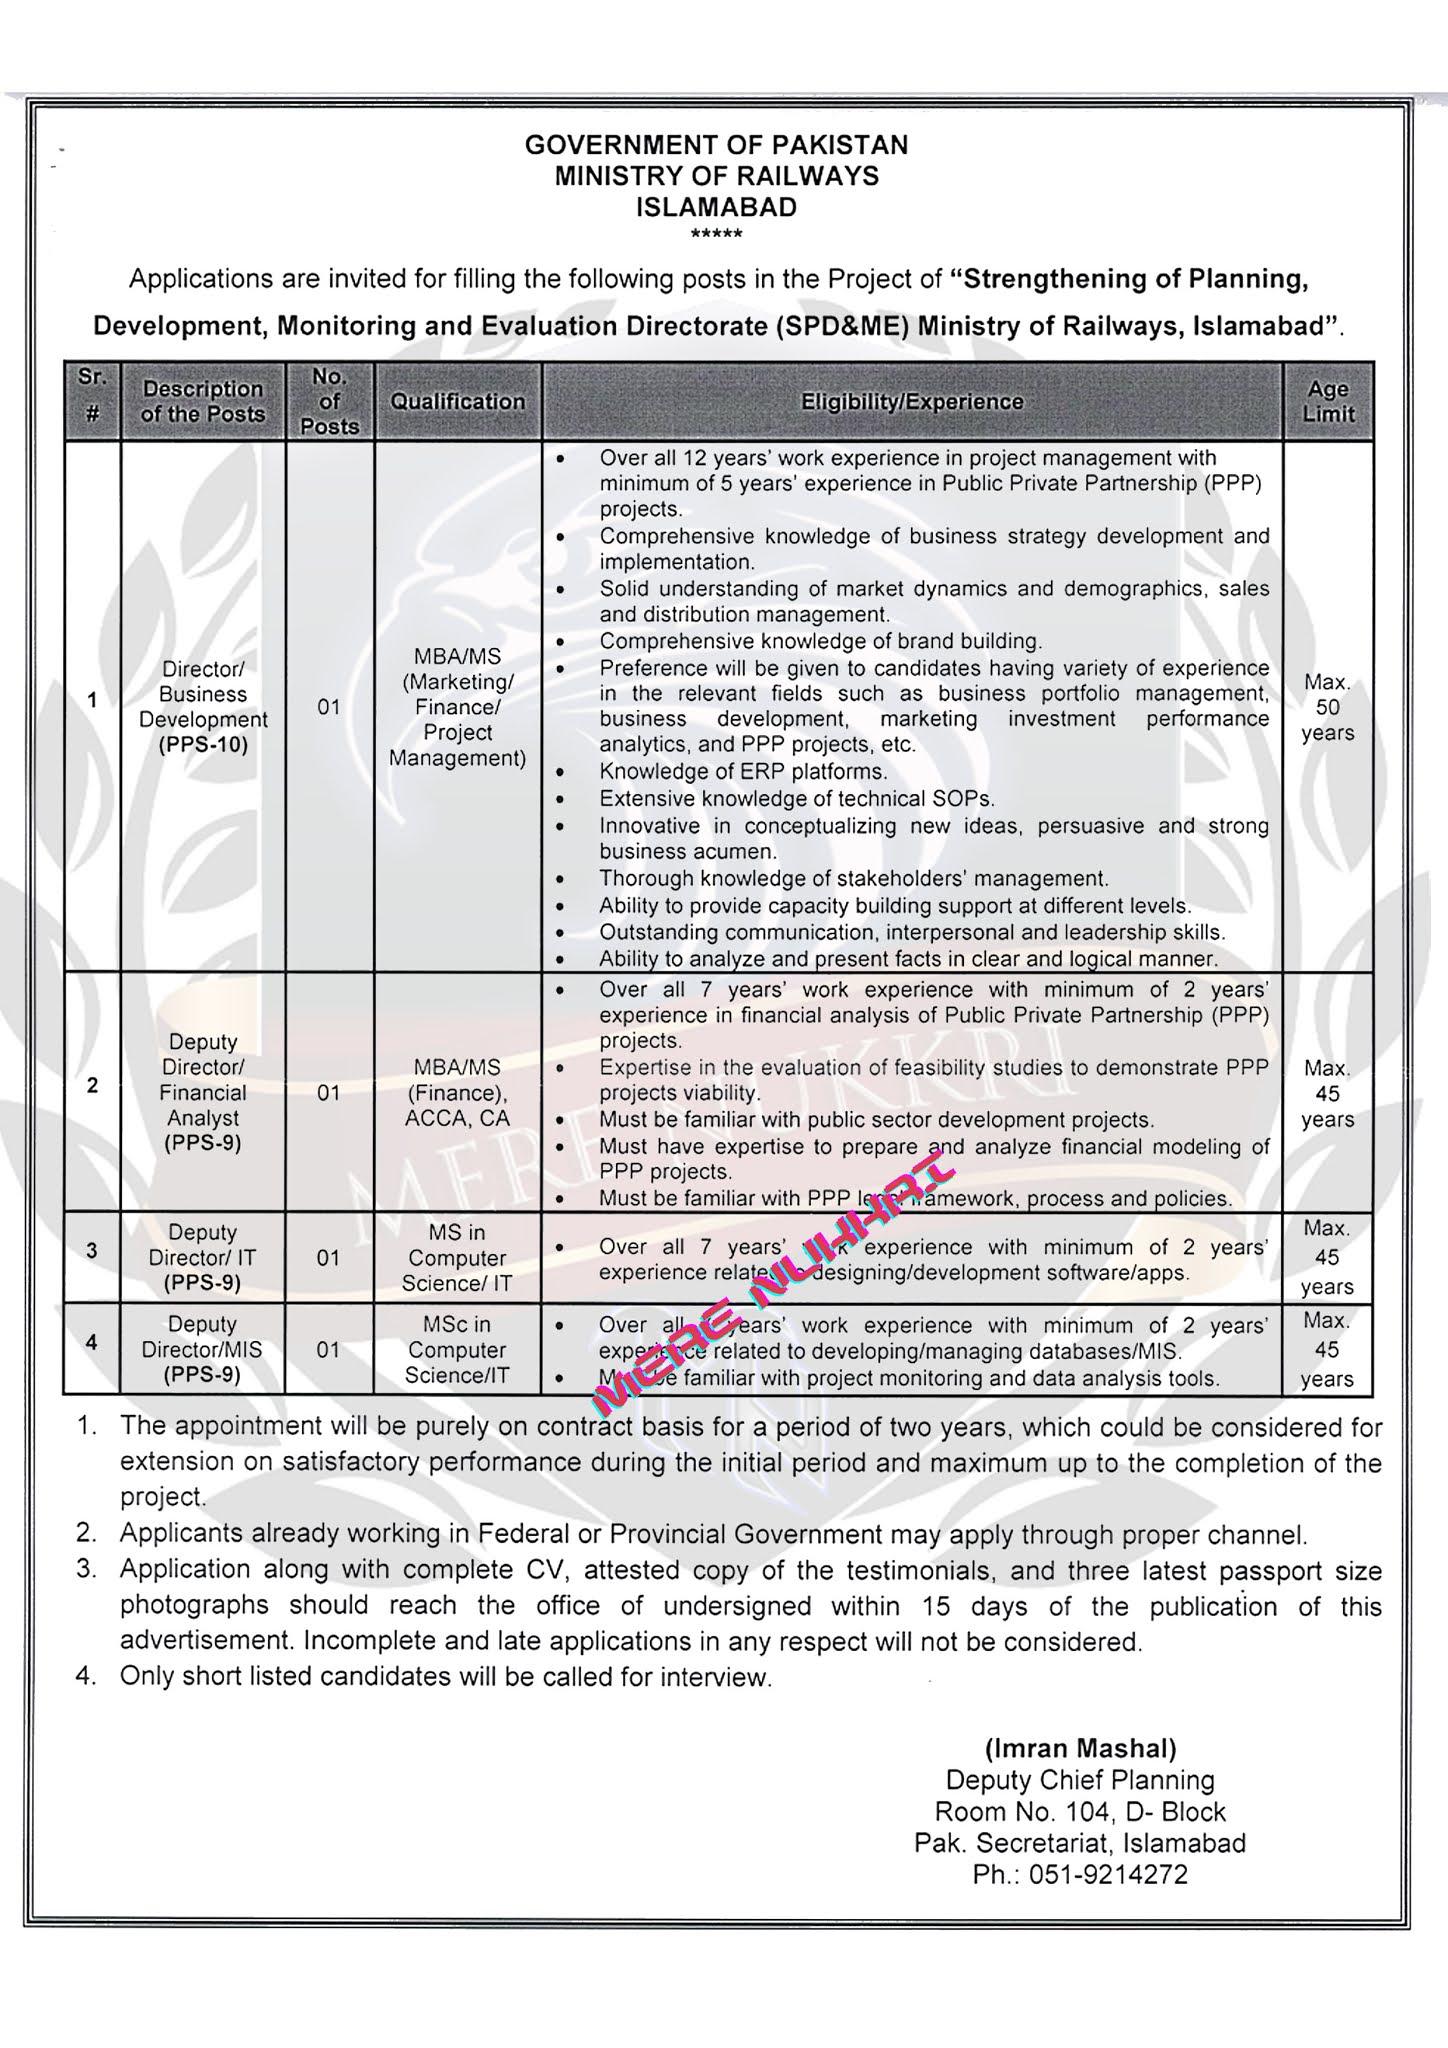 Latest jobs in Pakistan- Ministry of Railways Islamabad Latest Jobs 2021- New Jobs in Pakistan Railway